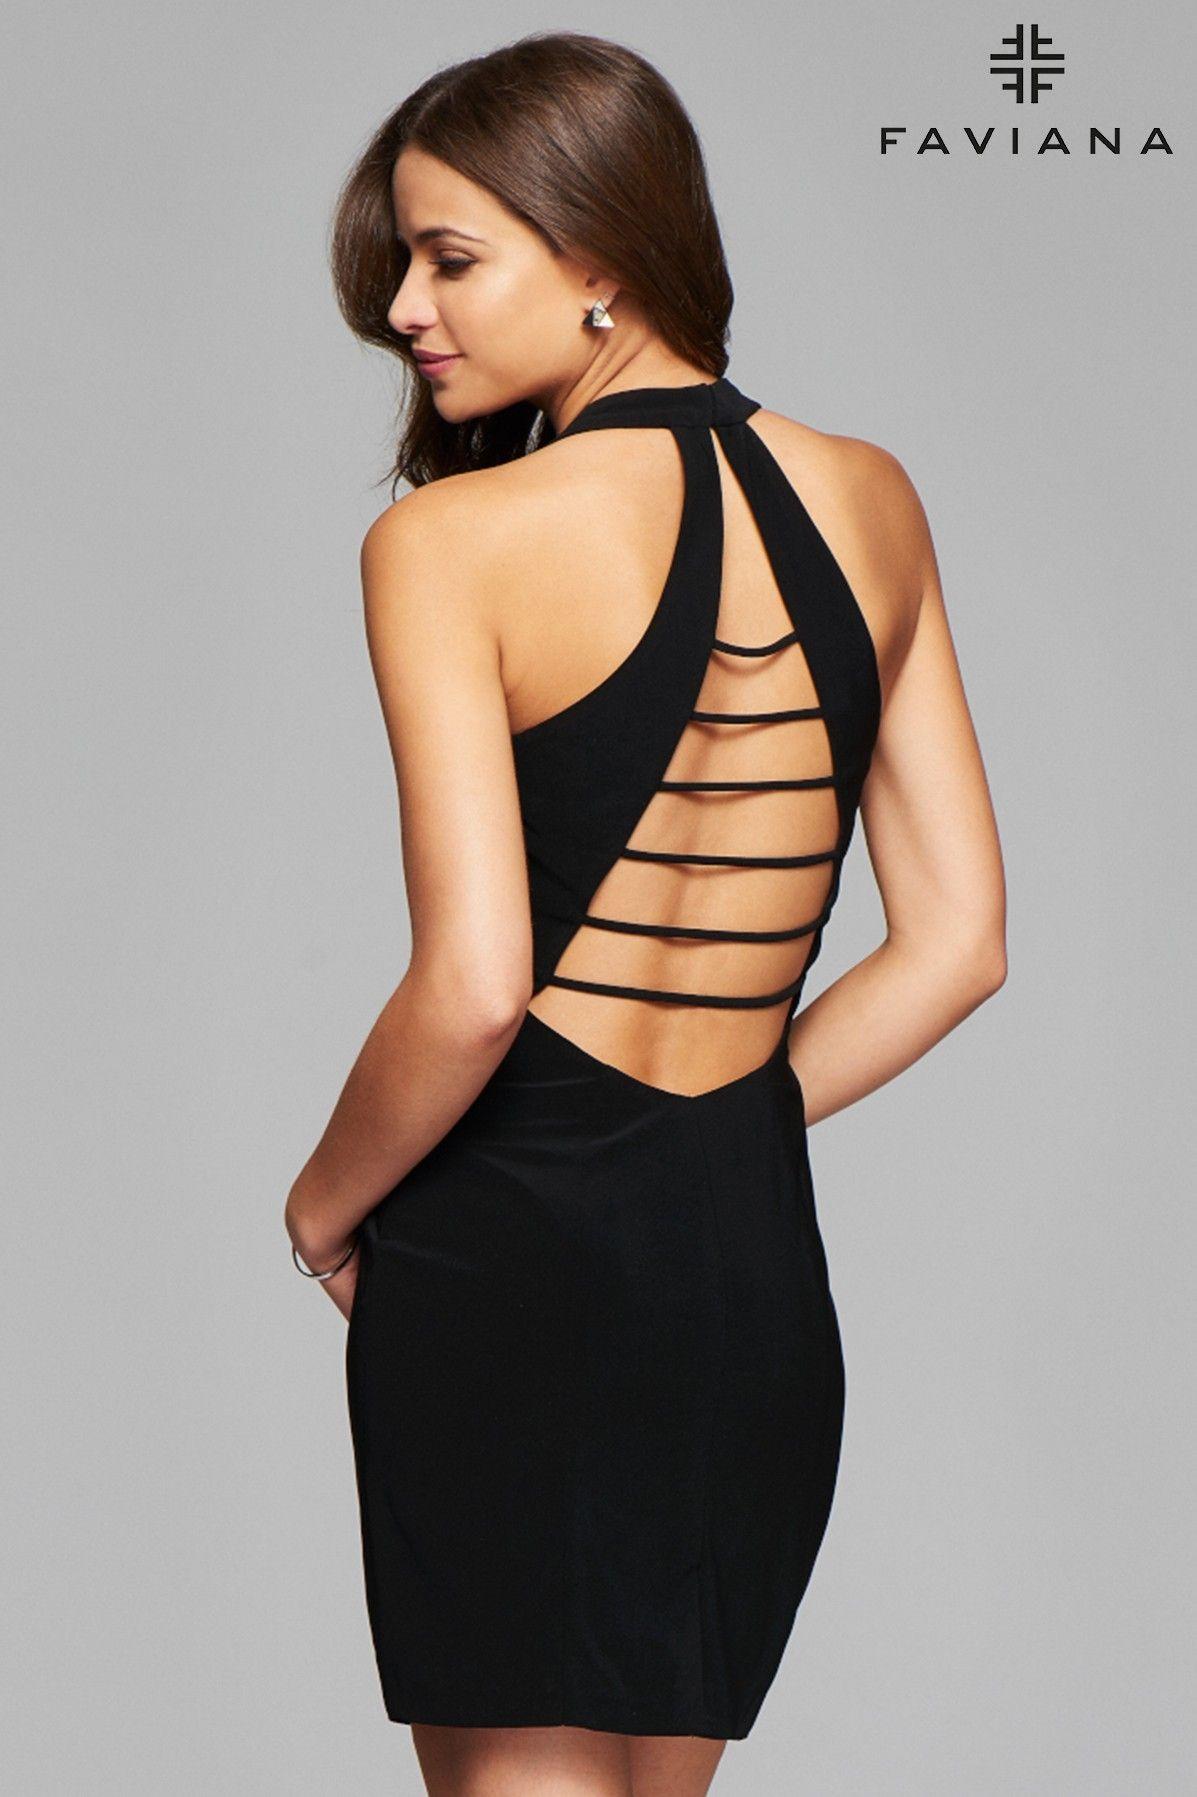 caf43d0ca7 Short v-neck cocktail dress with strappy back